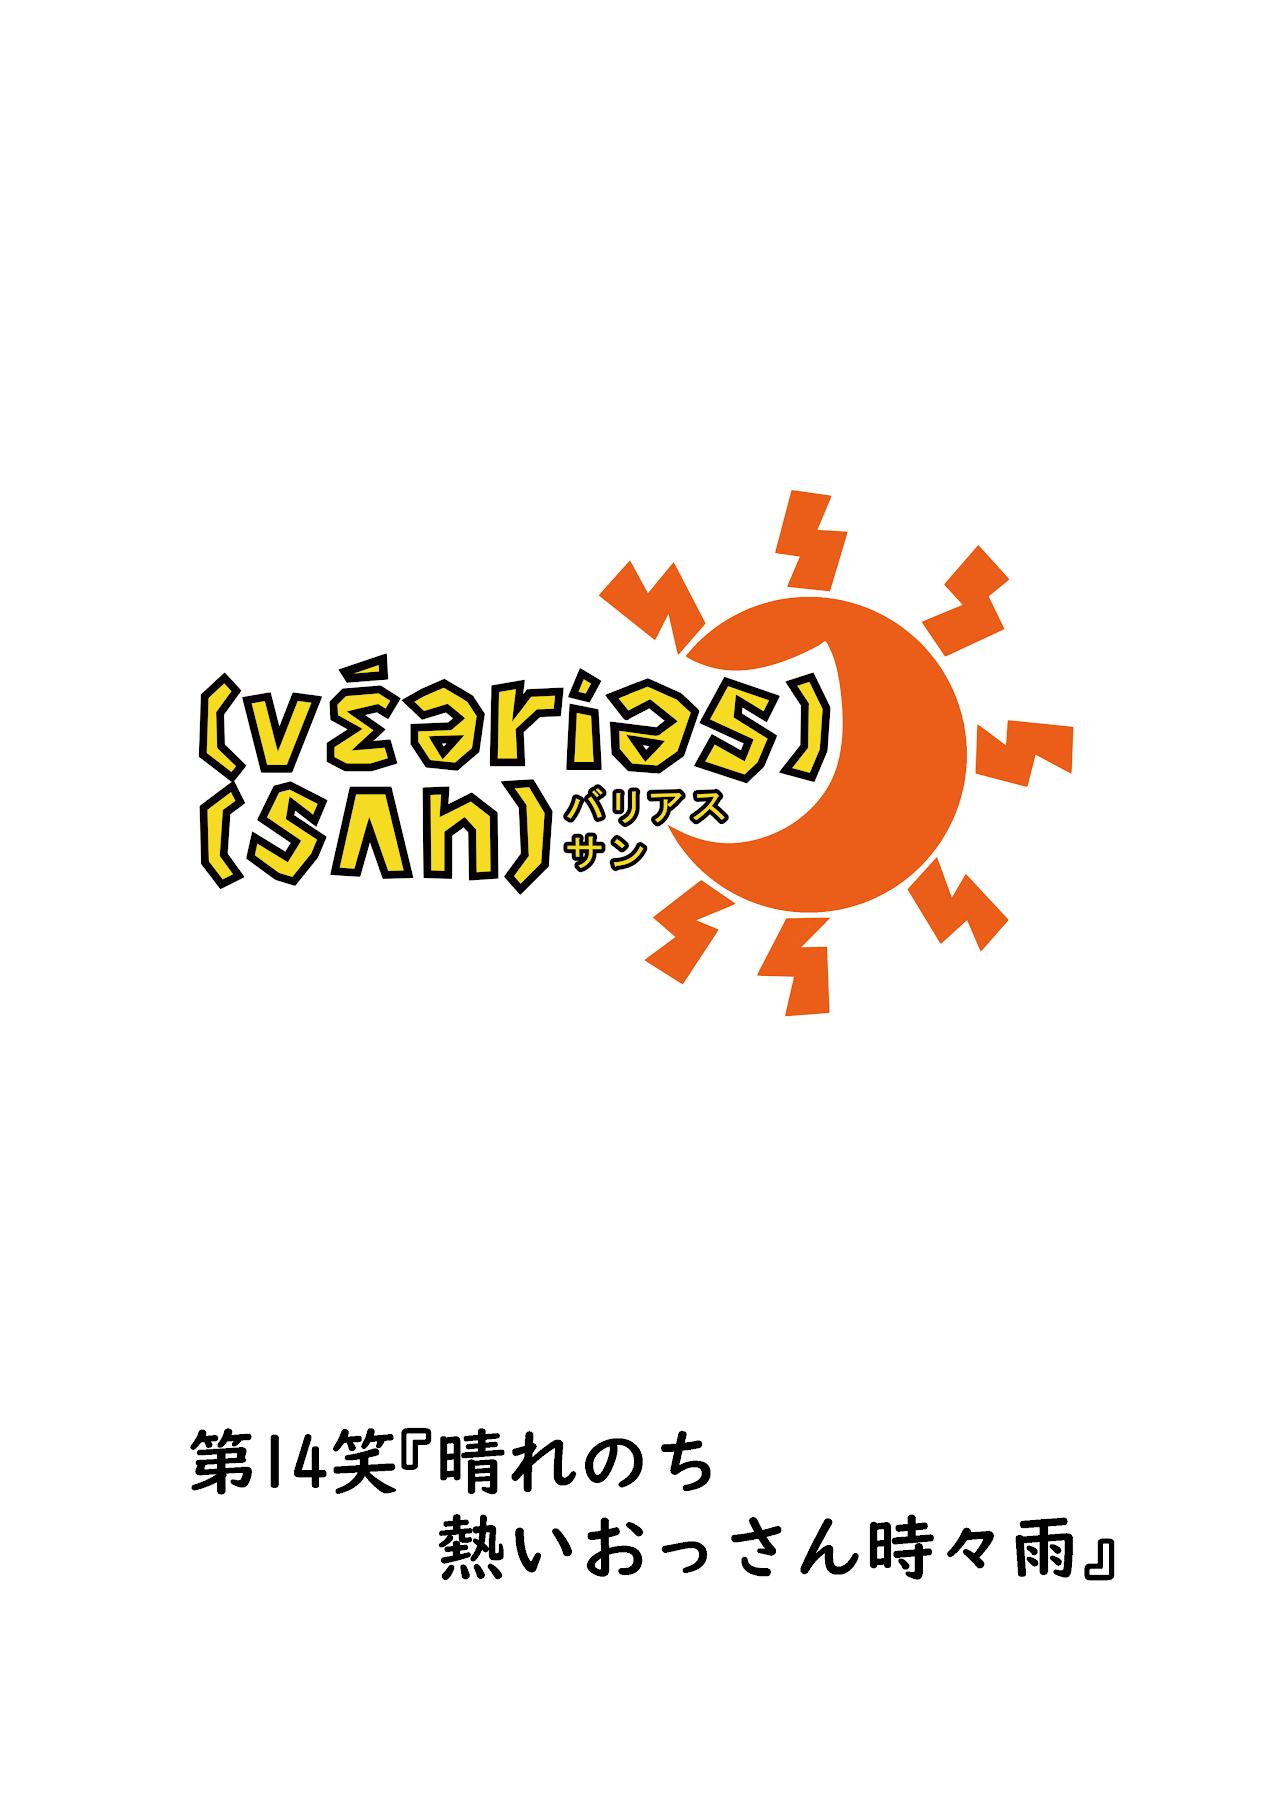 バリアス・サン14_1